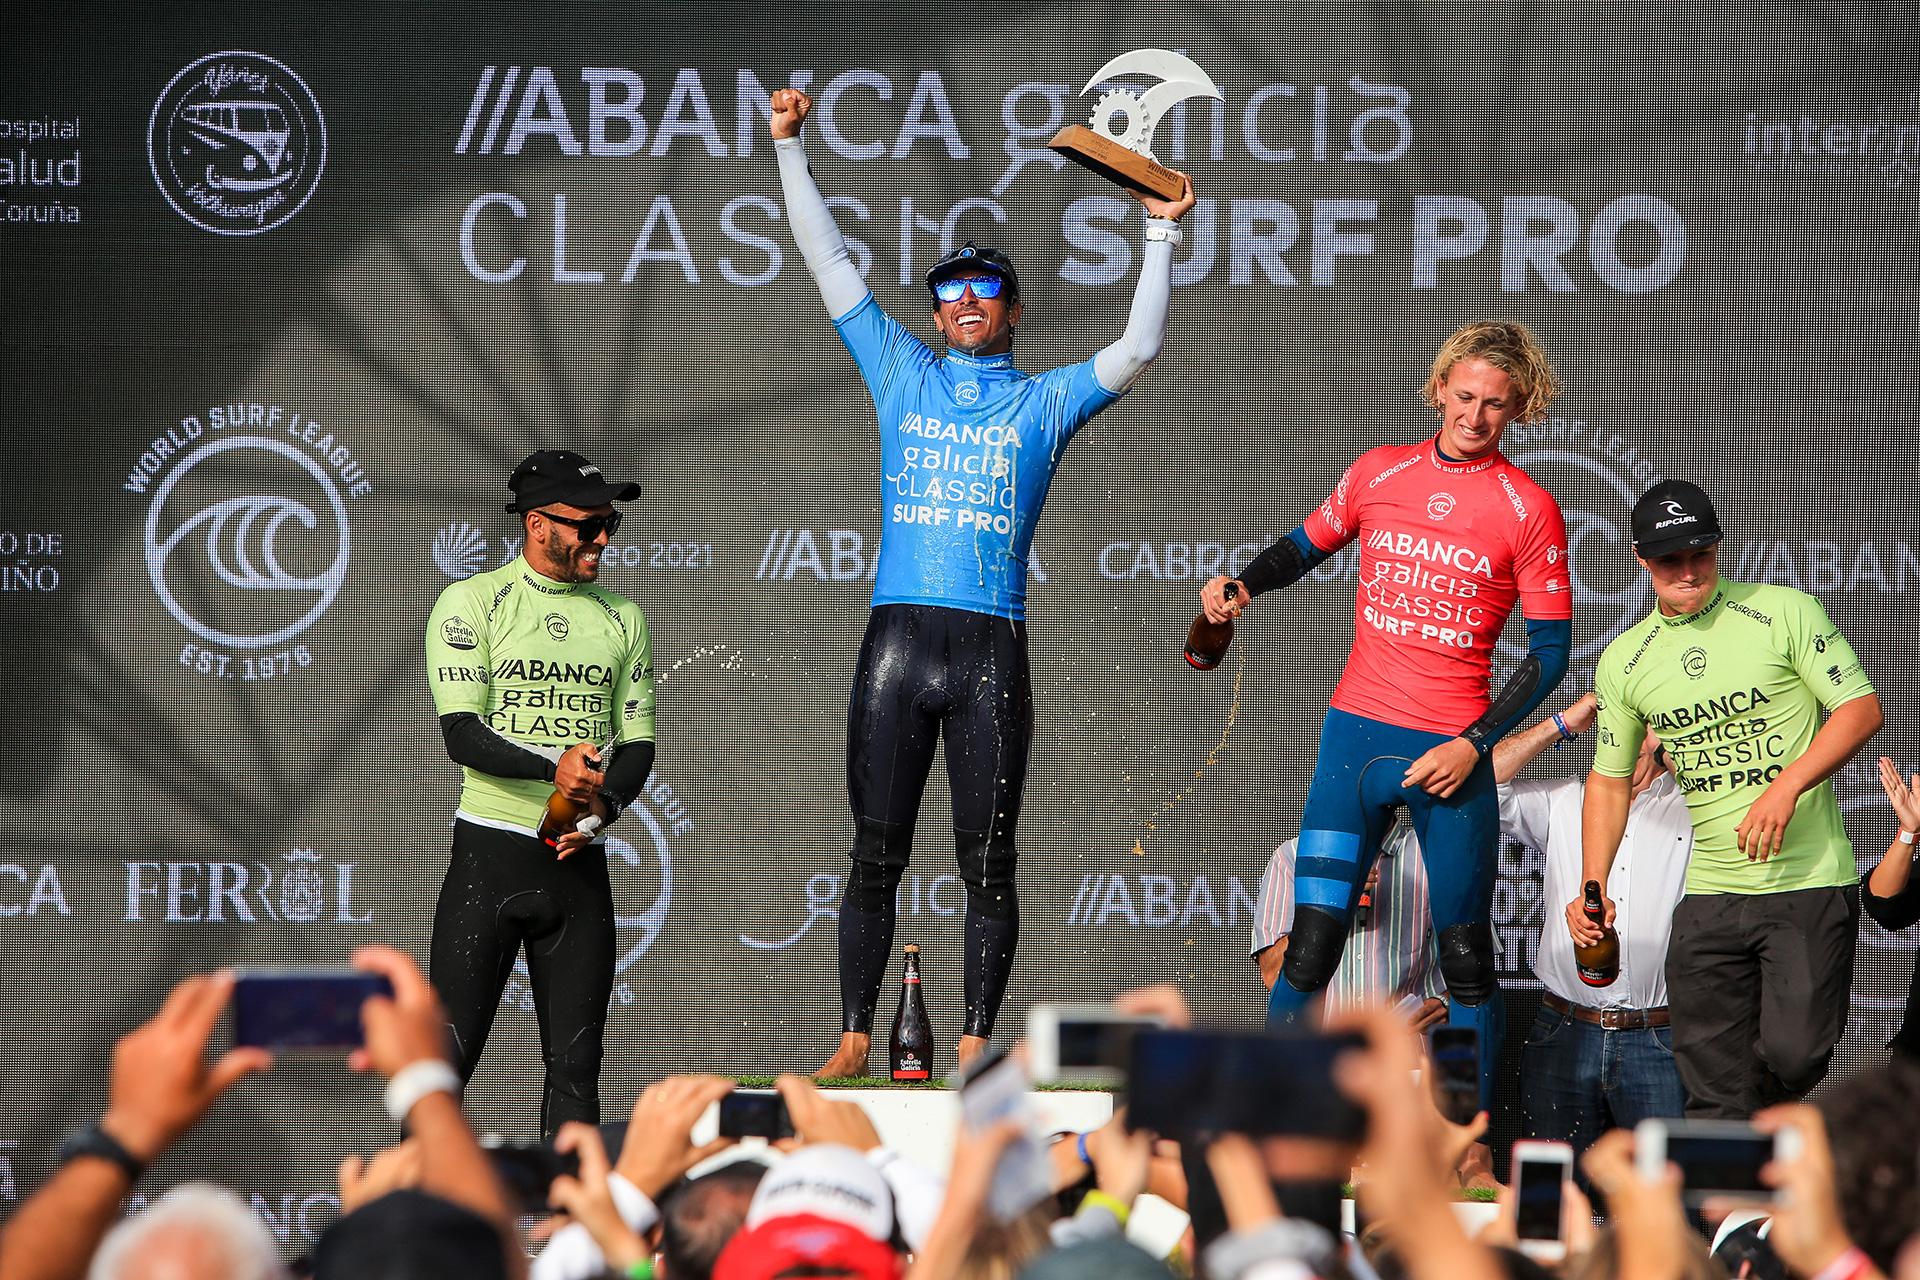 Miguel Pupo se proclama campeón en Galicia Classic Surf Pro